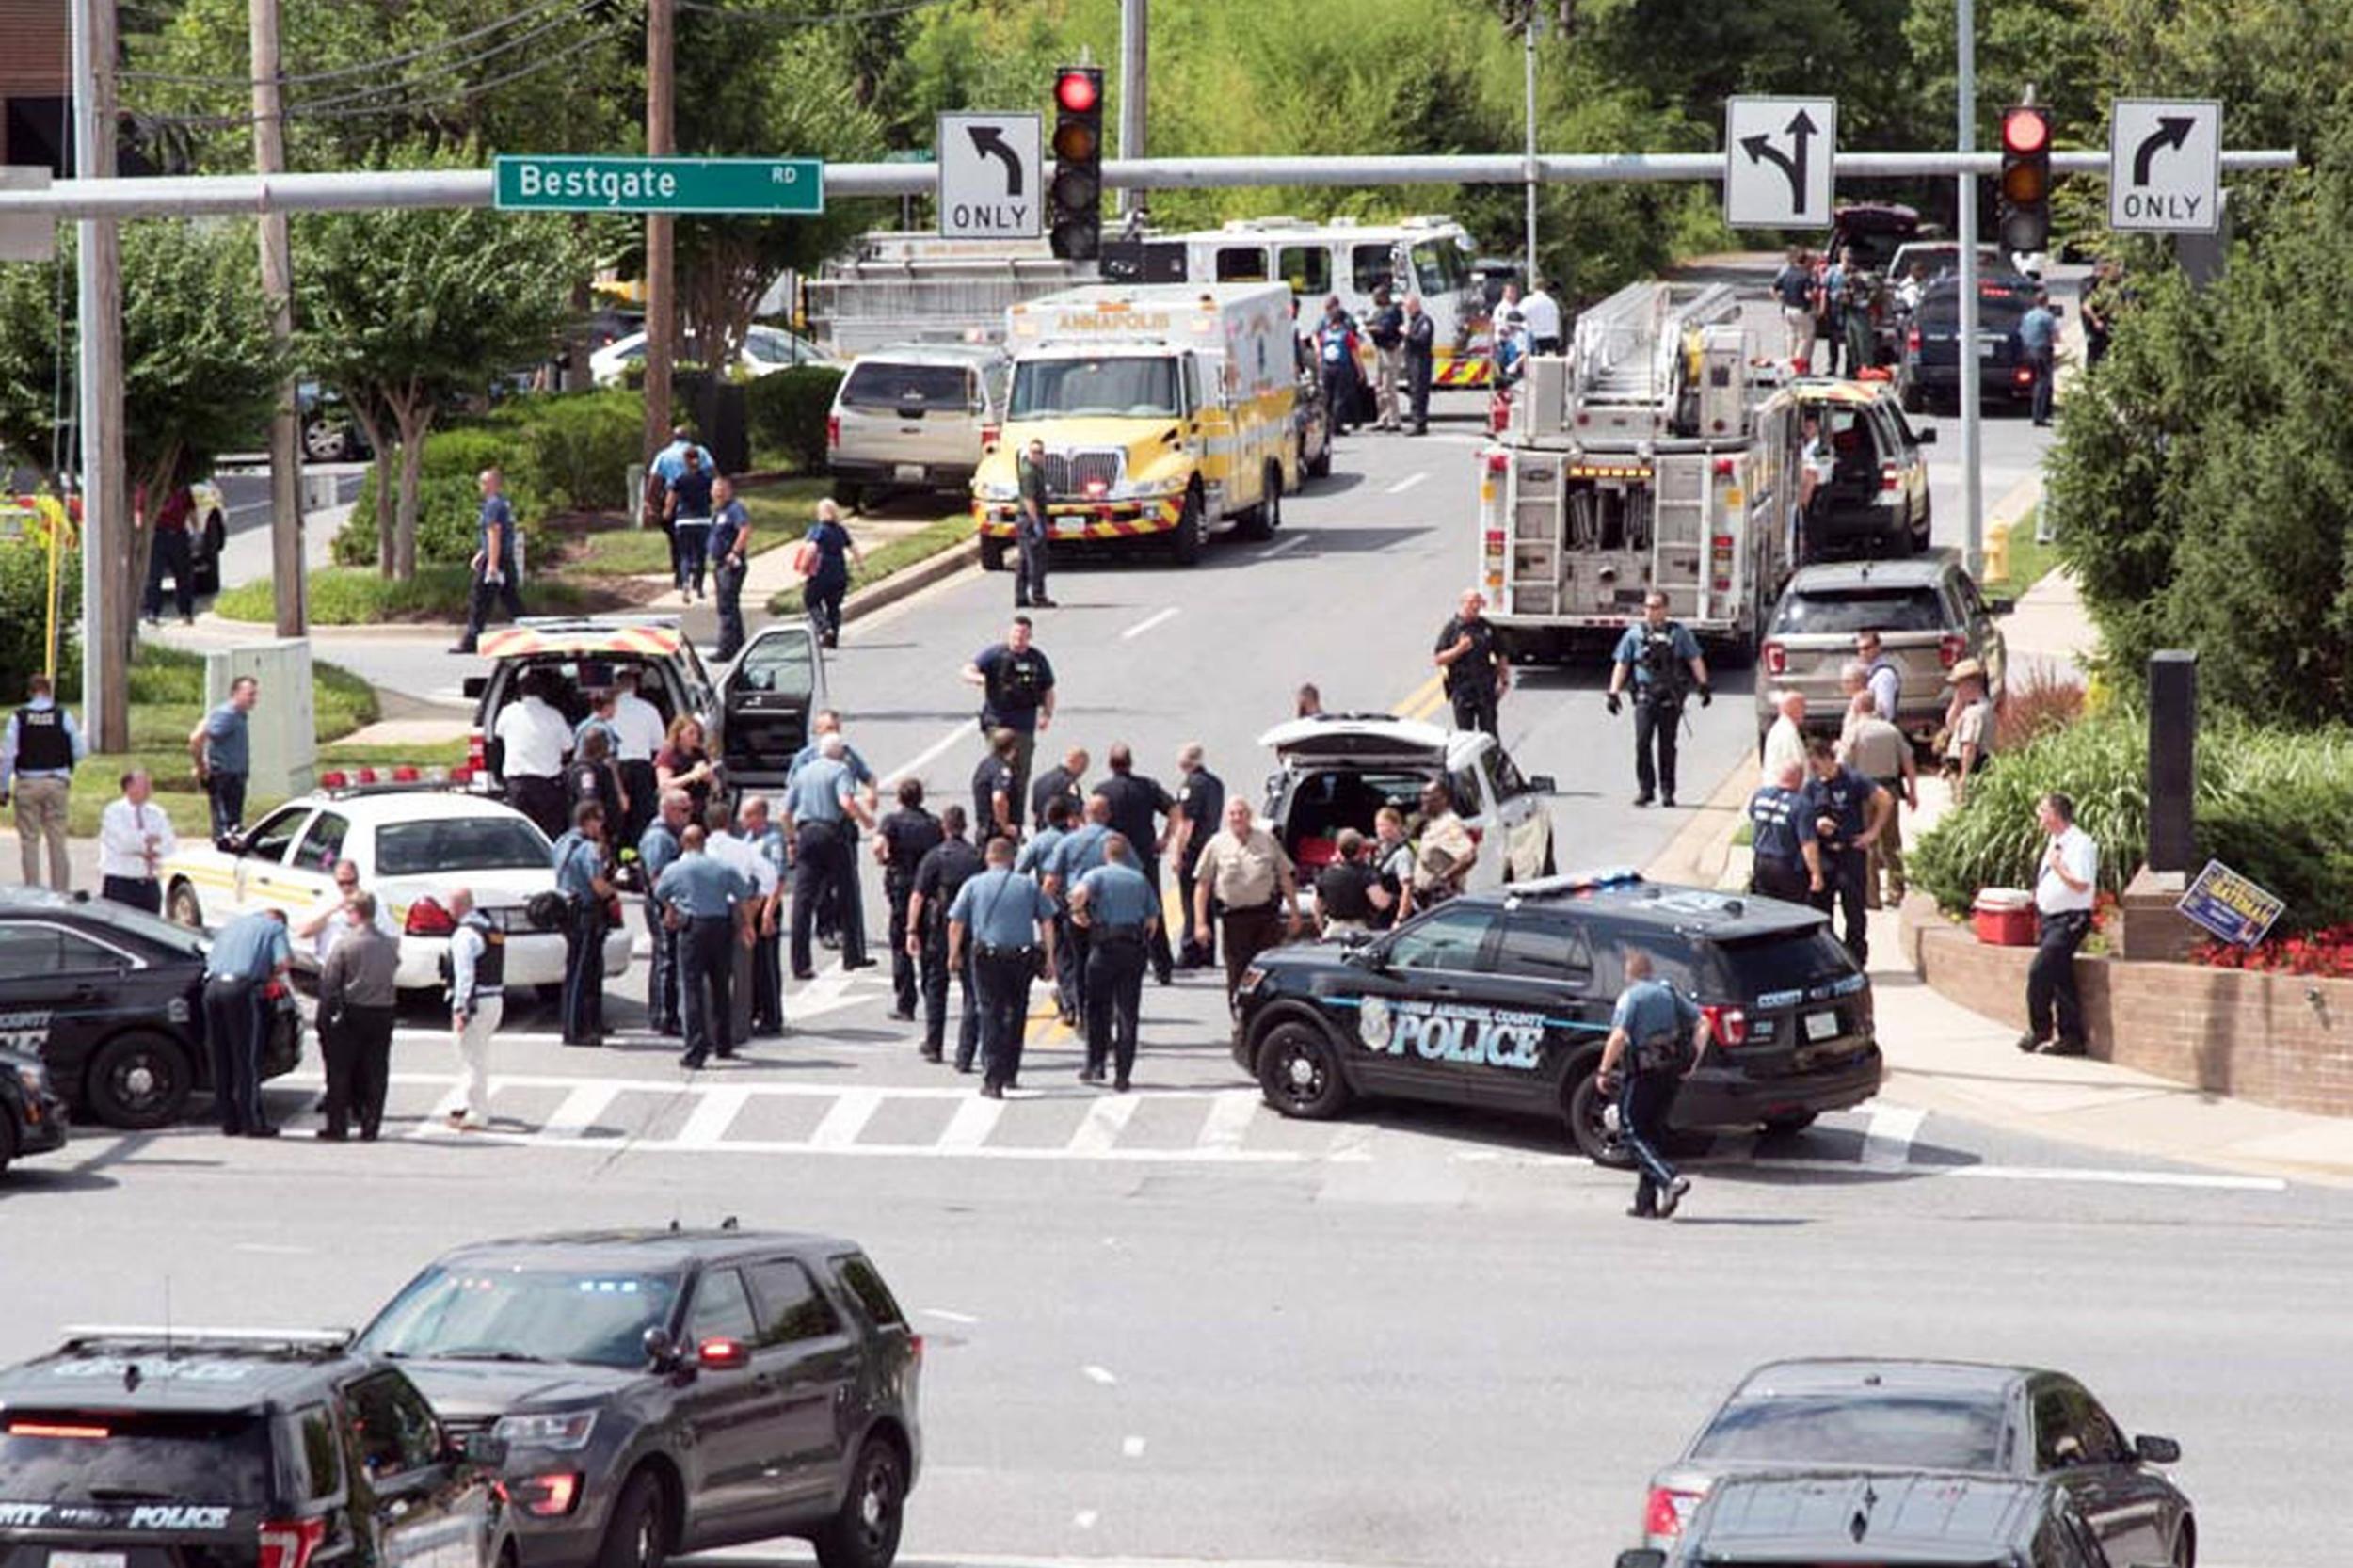 Man who killed 5 at Maryland newspaper sentenced  to life behind bars